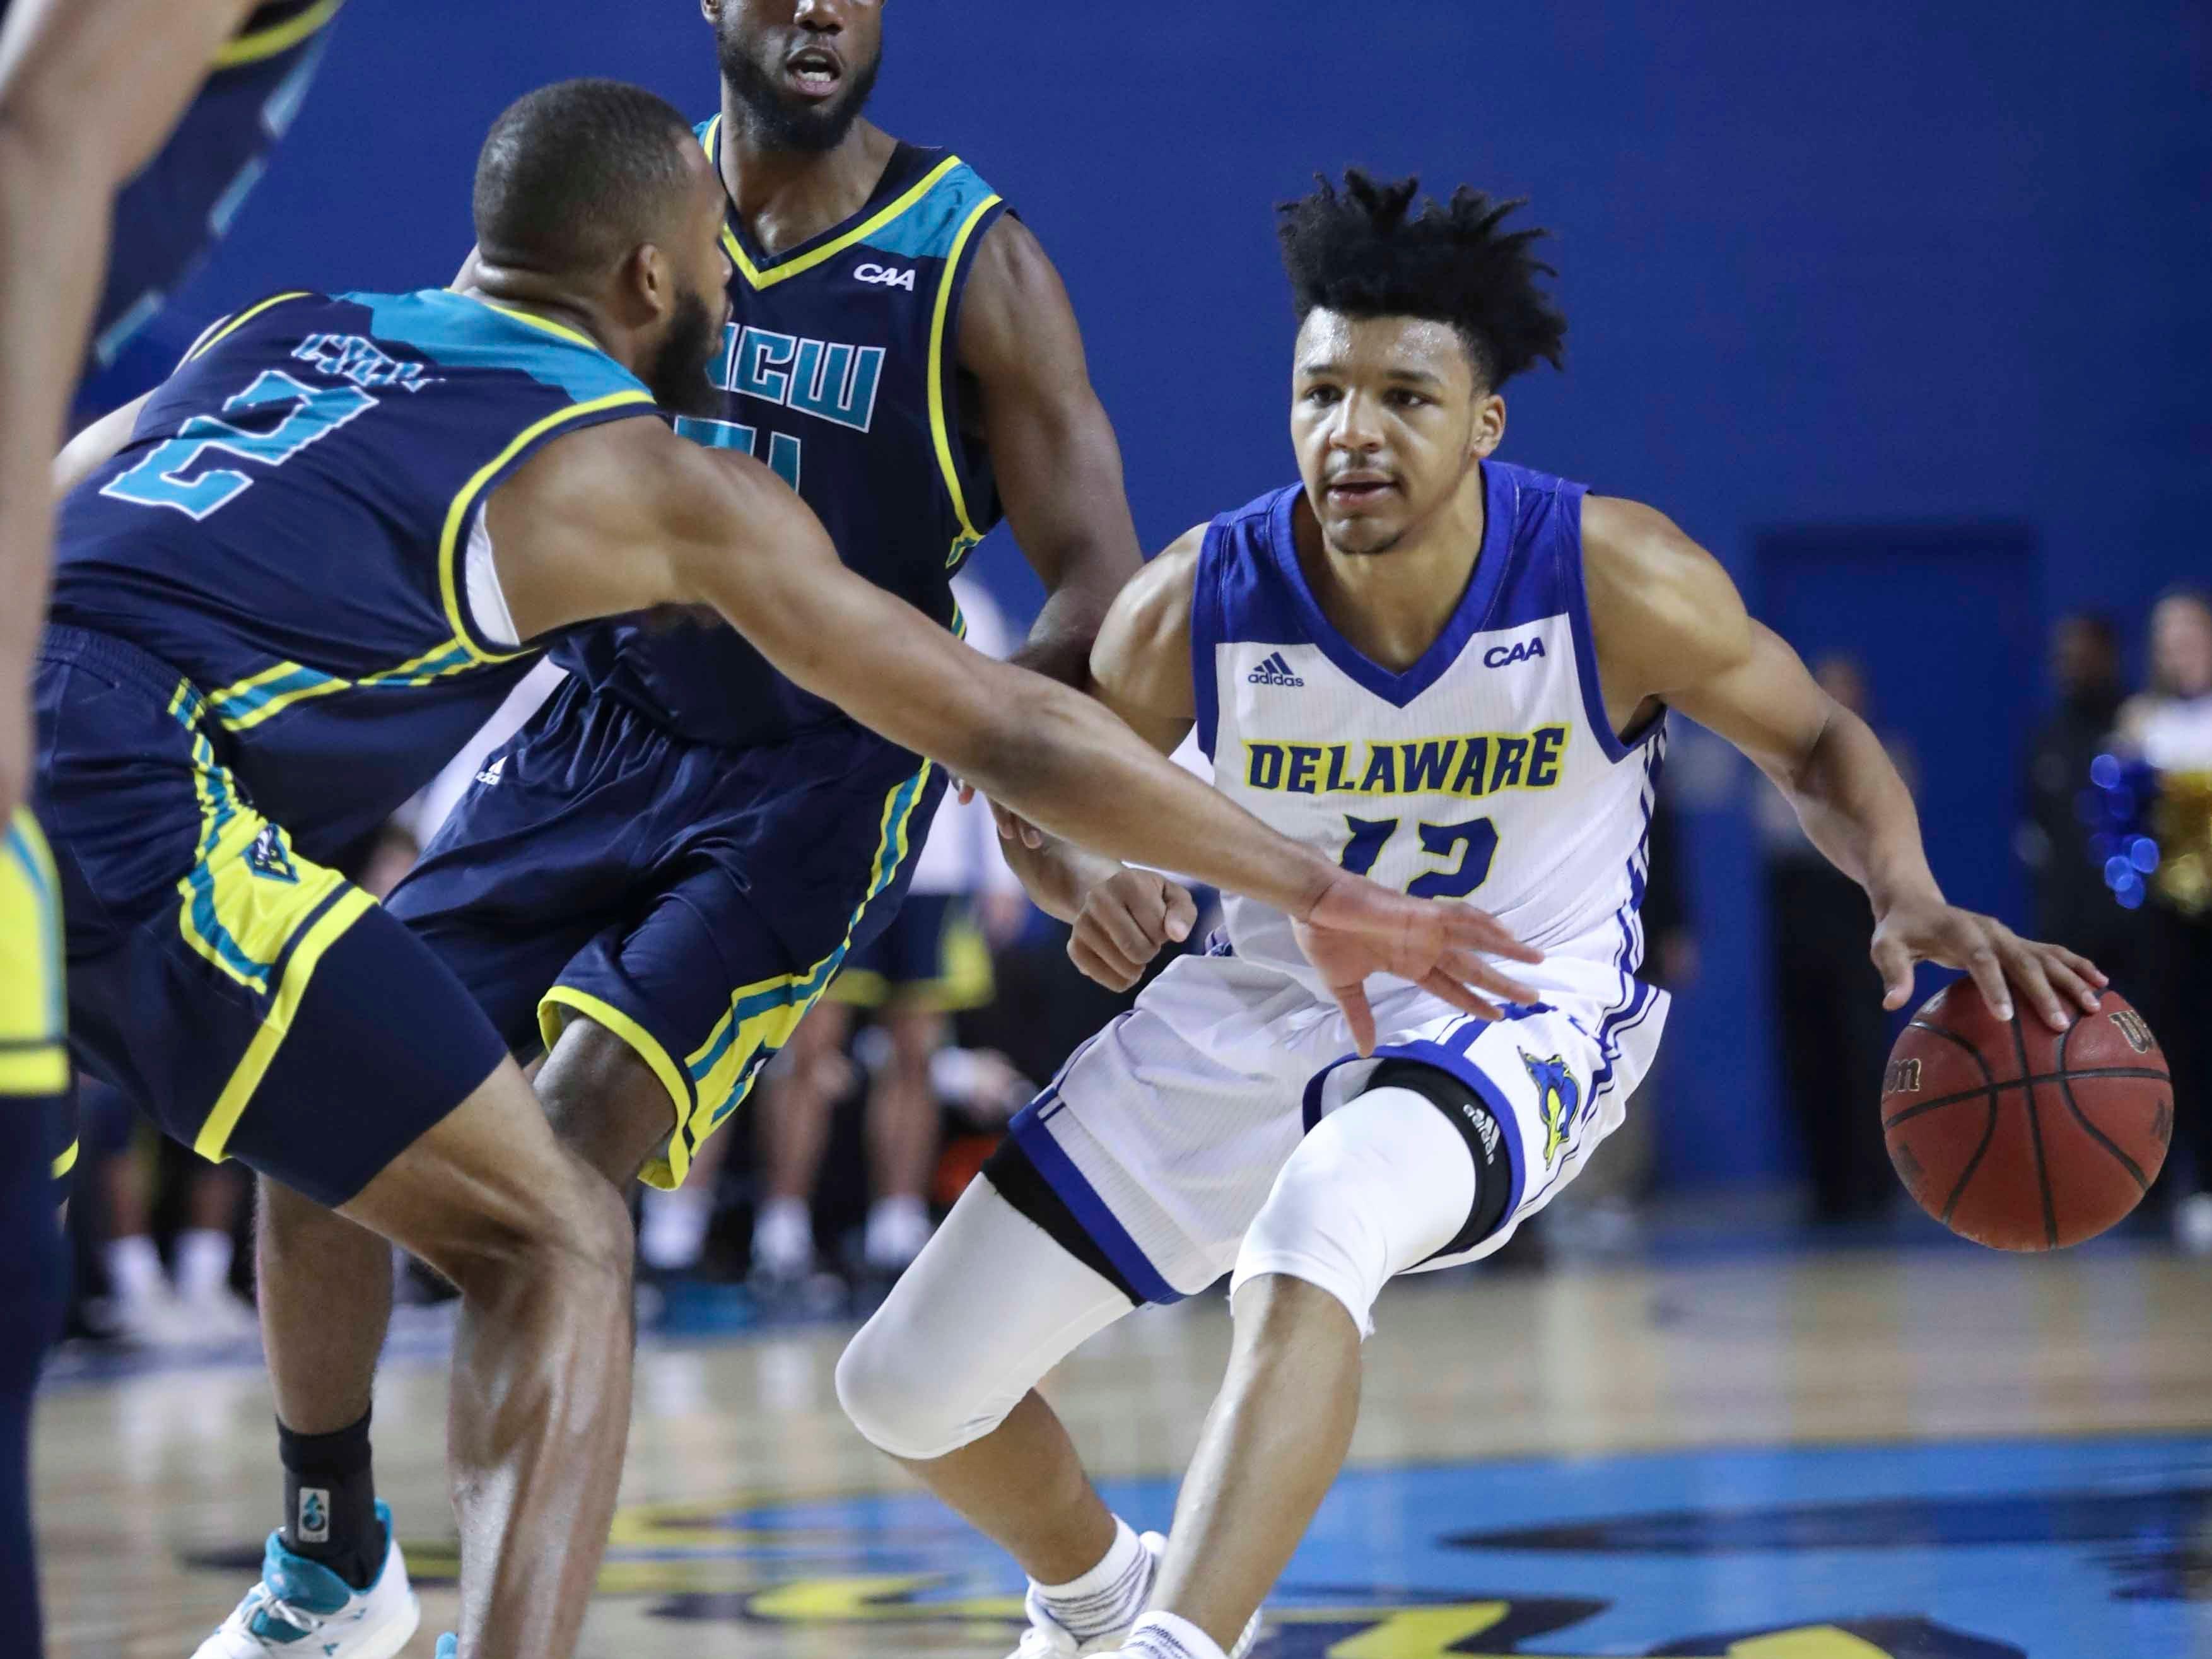 Delaware's Ithiel Horton maneuvers in the second half of Delaware's 70-66 win at the Bob Carpenter Center Saturday.